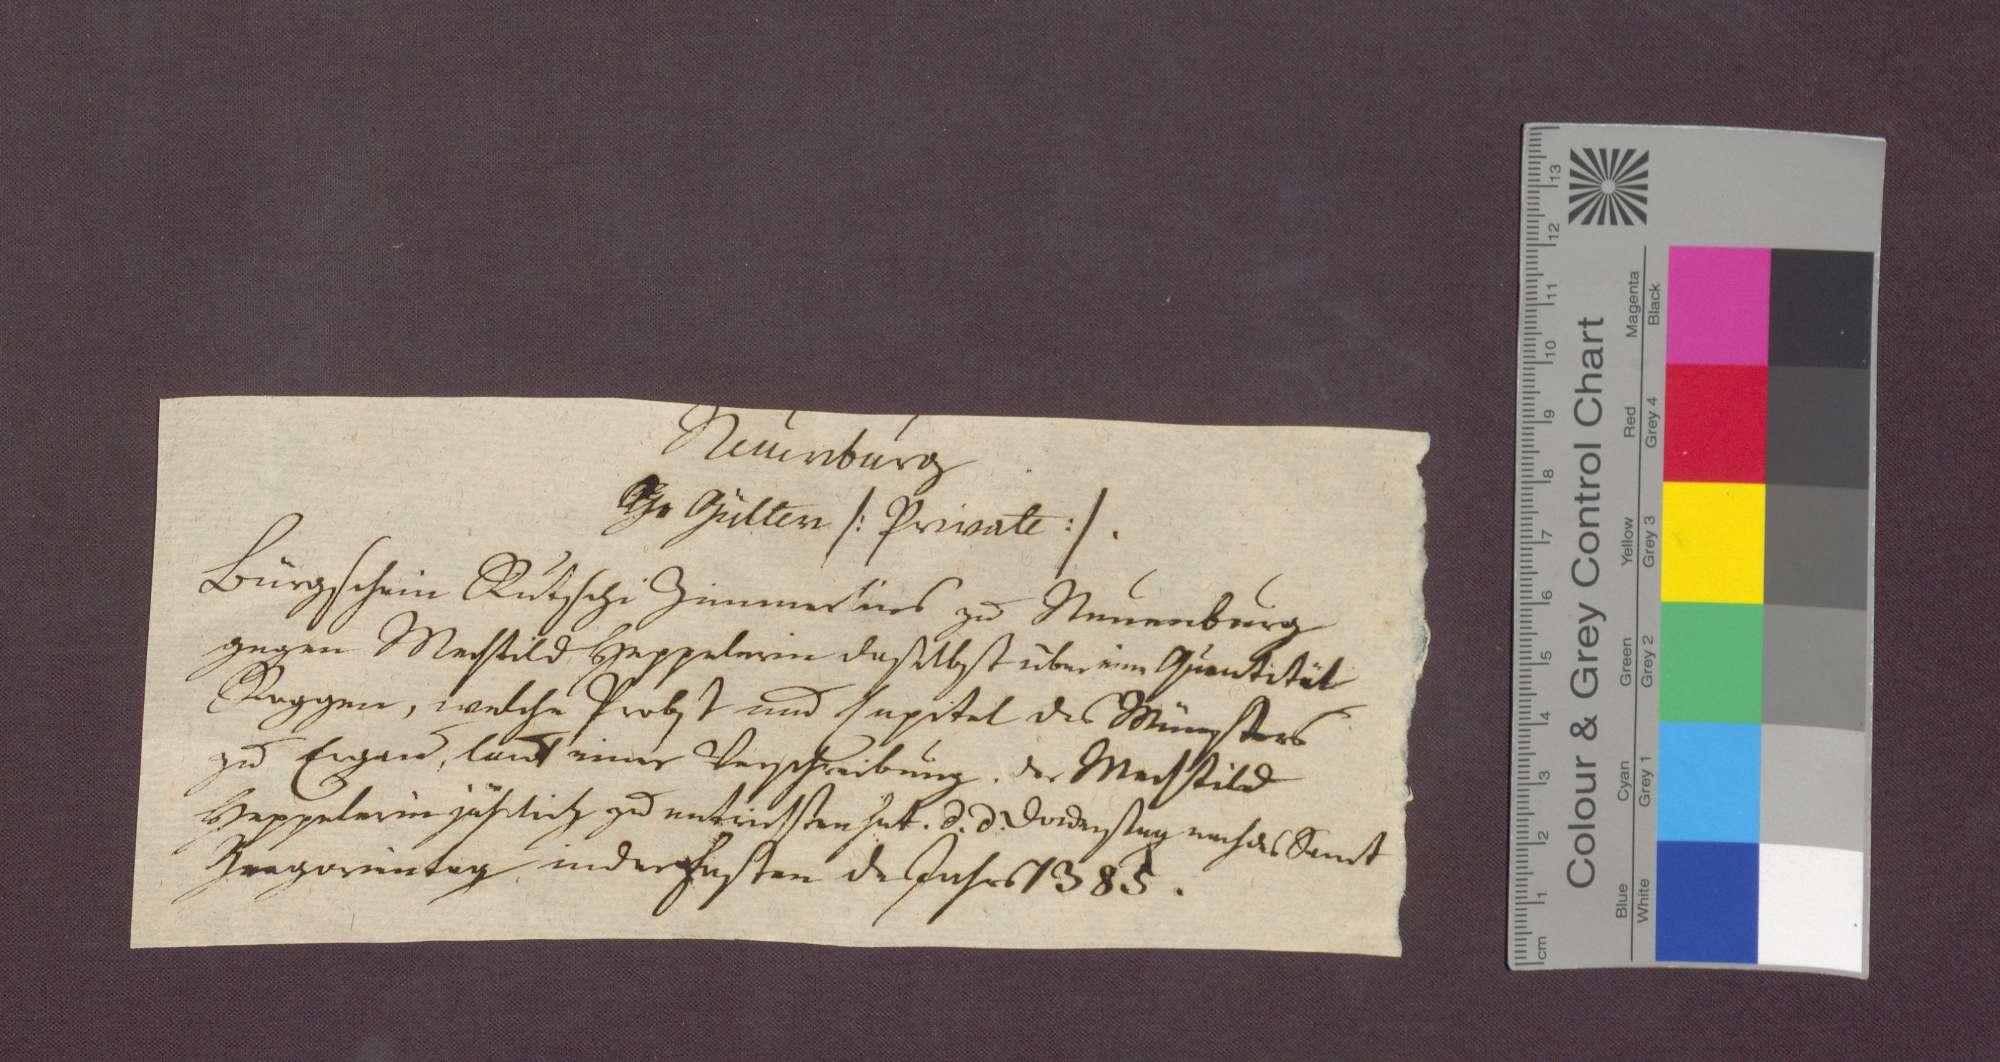 Rutschi Zimerli d. J. von Neuenburg leistet dem Stift zu Münster im Aargau (Beromünster) anstelle des verstorbenen Kuni Hawart Bürgschaft gegenüber Mechtild Höppelerin in Neuenburg., Bild 1